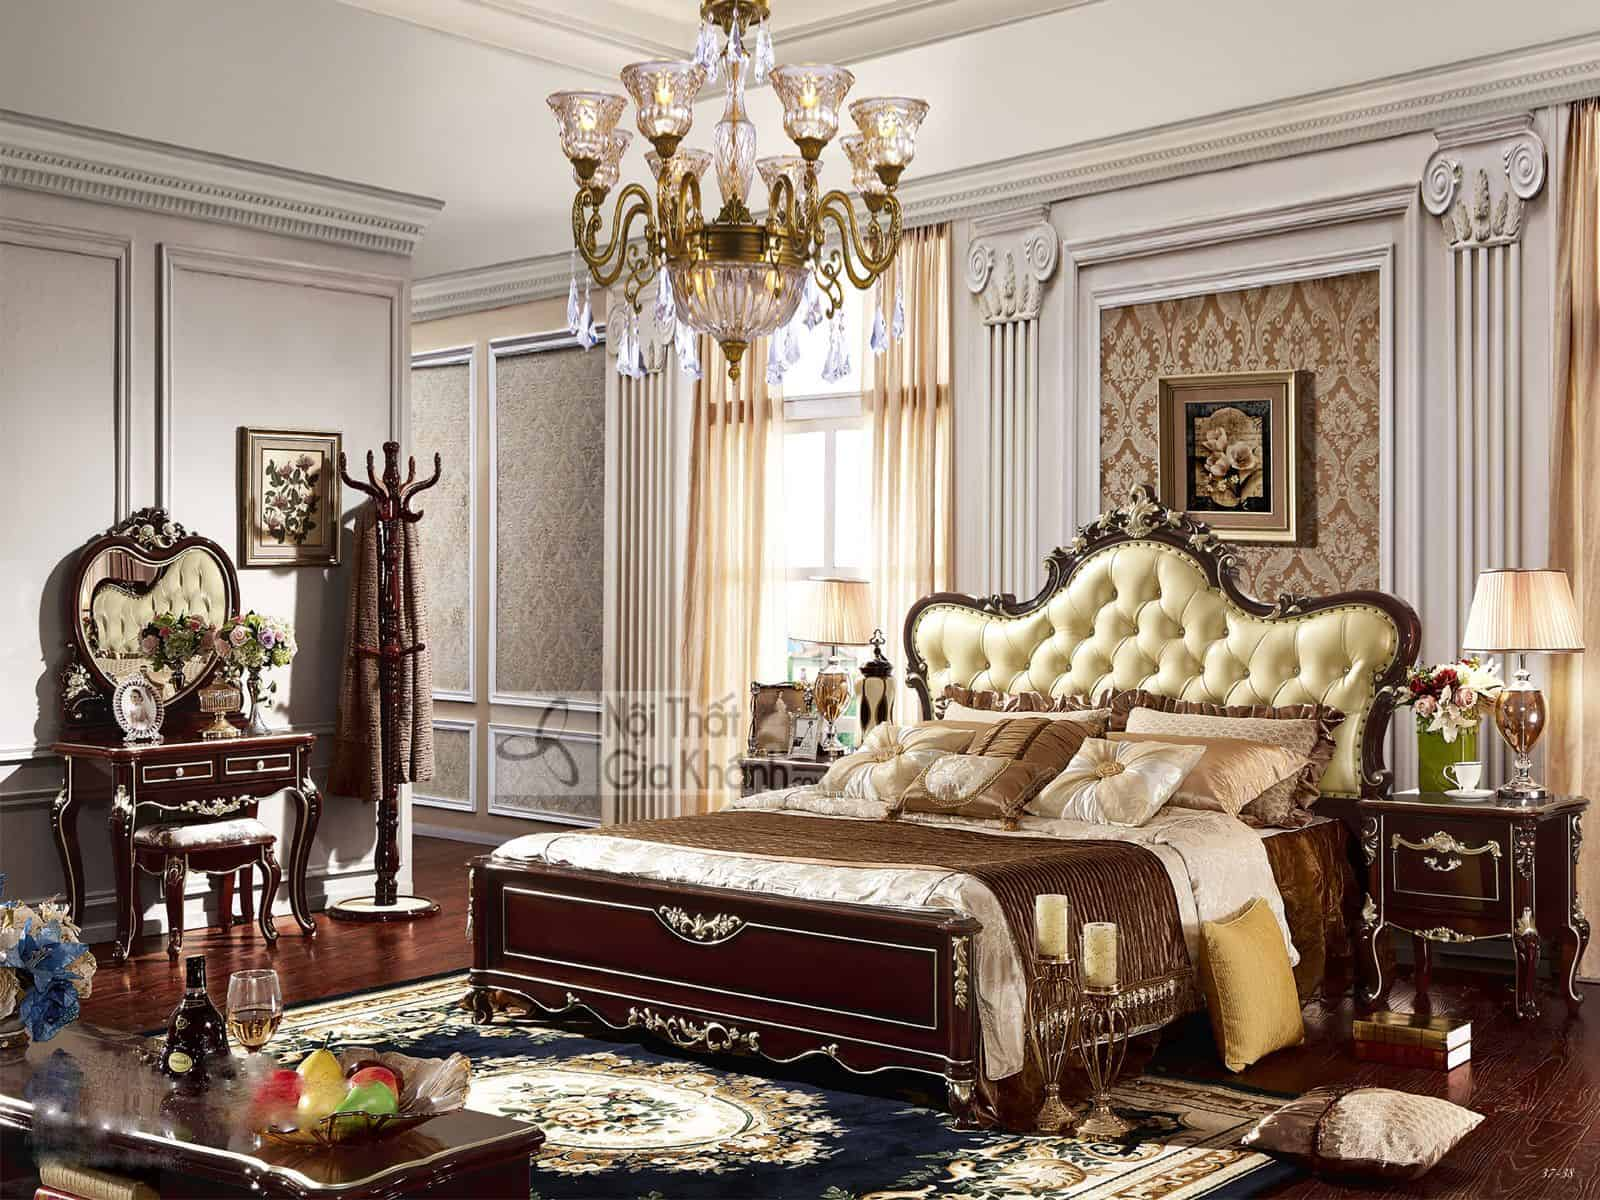 Giường Ngủ Gỗ Màu Nâu Tân Cổ Điển GI8835G